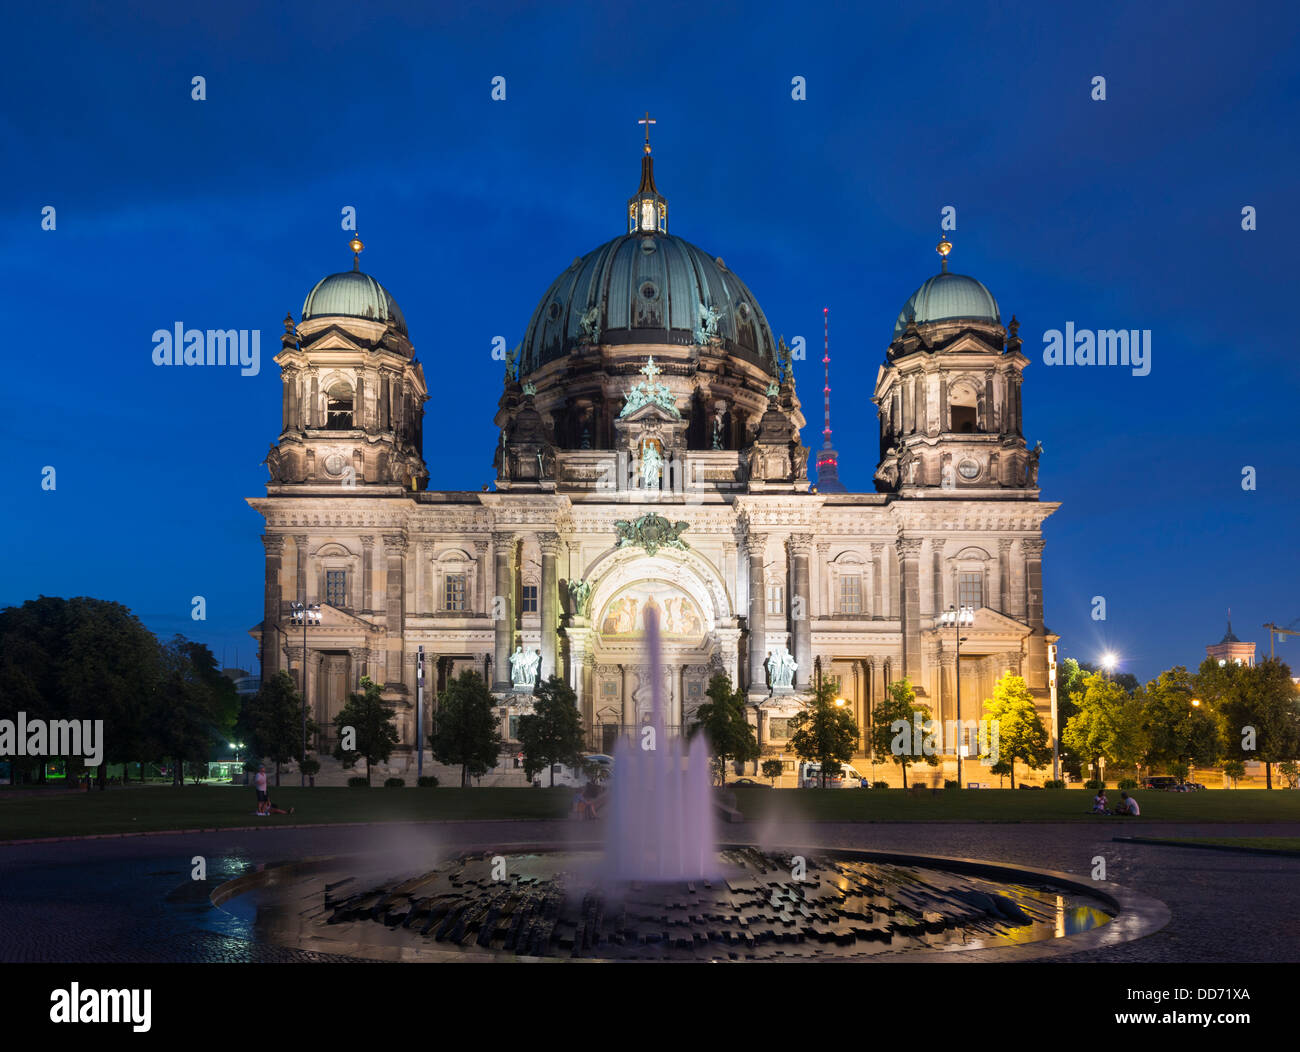 Vista notturna della Cattedrale di Berlino o Dom sull isola dei musei o isola dei musei di Berlino Germania Immagini Stock